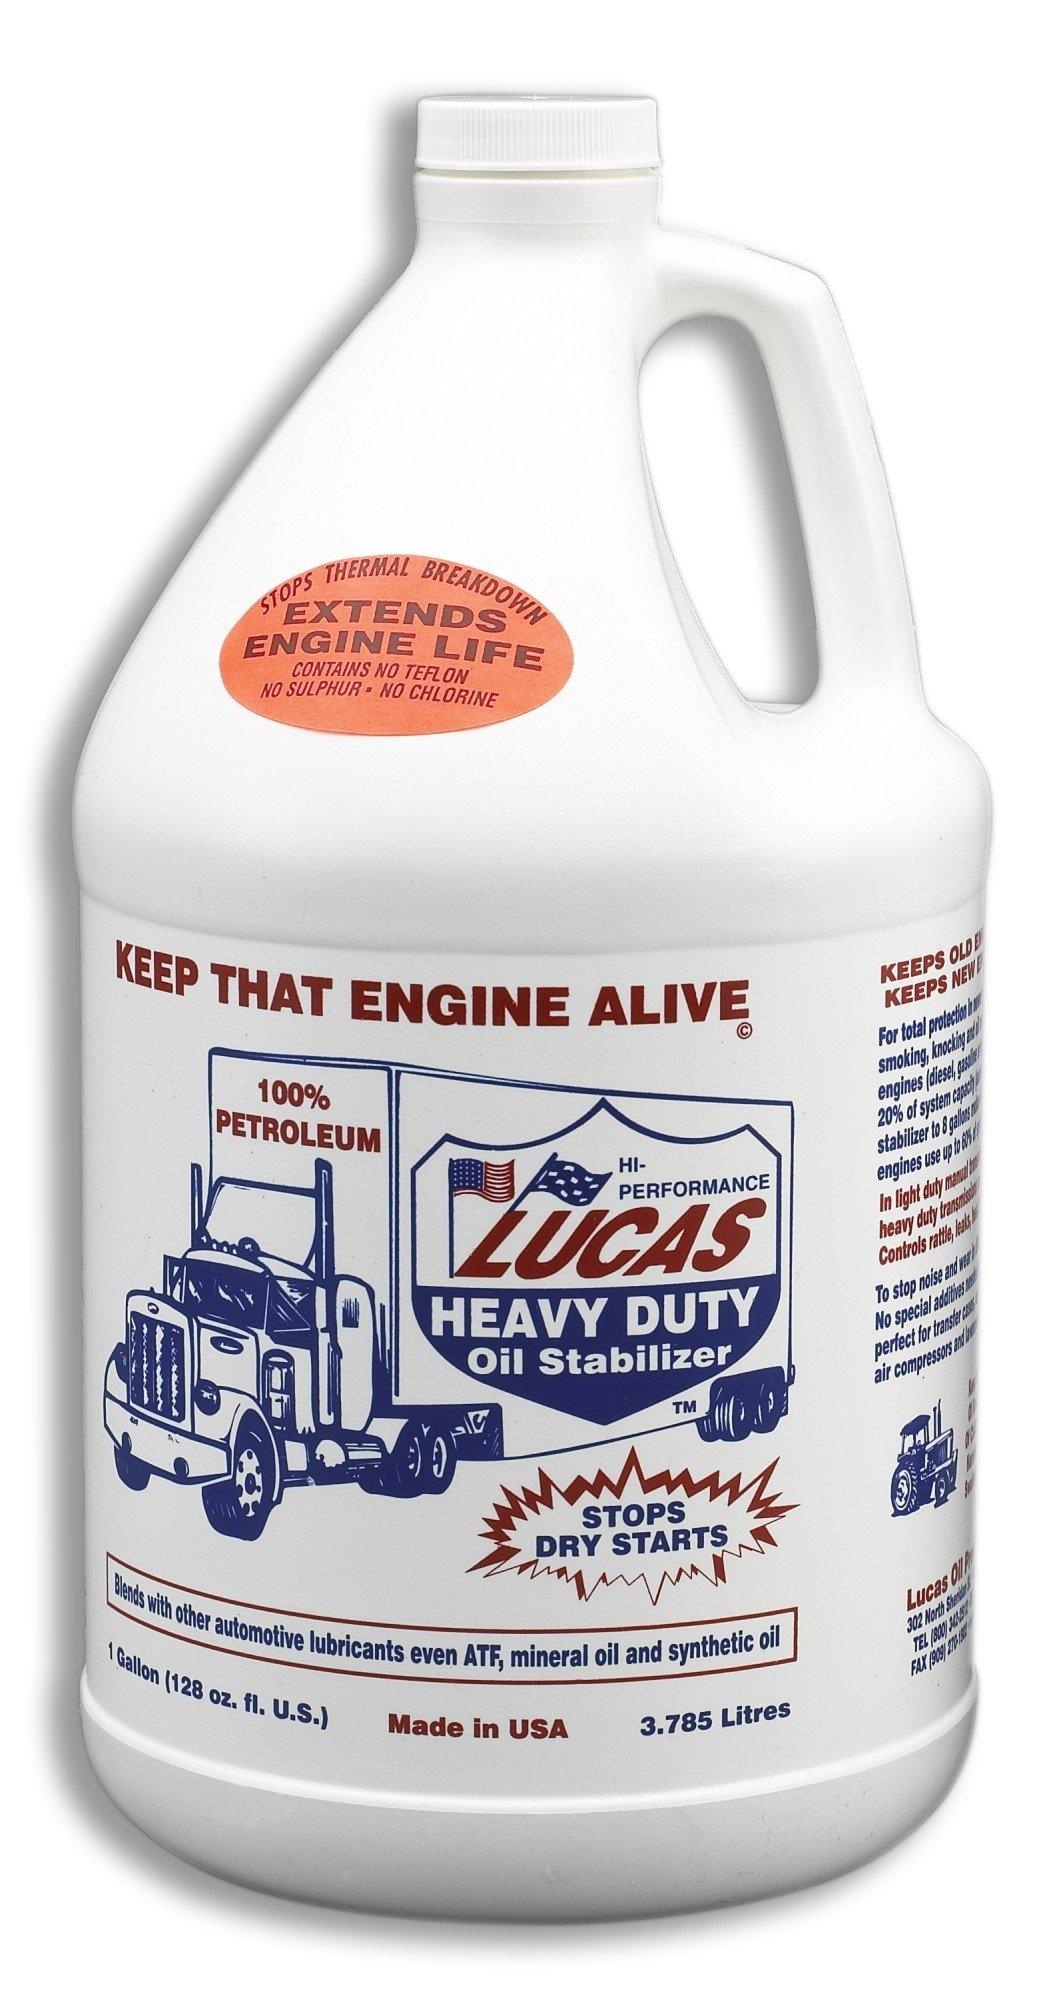 Lucas Oil 10002 Heavy Duty Oil Stabilizer - 1 Gallon (Case of 4)